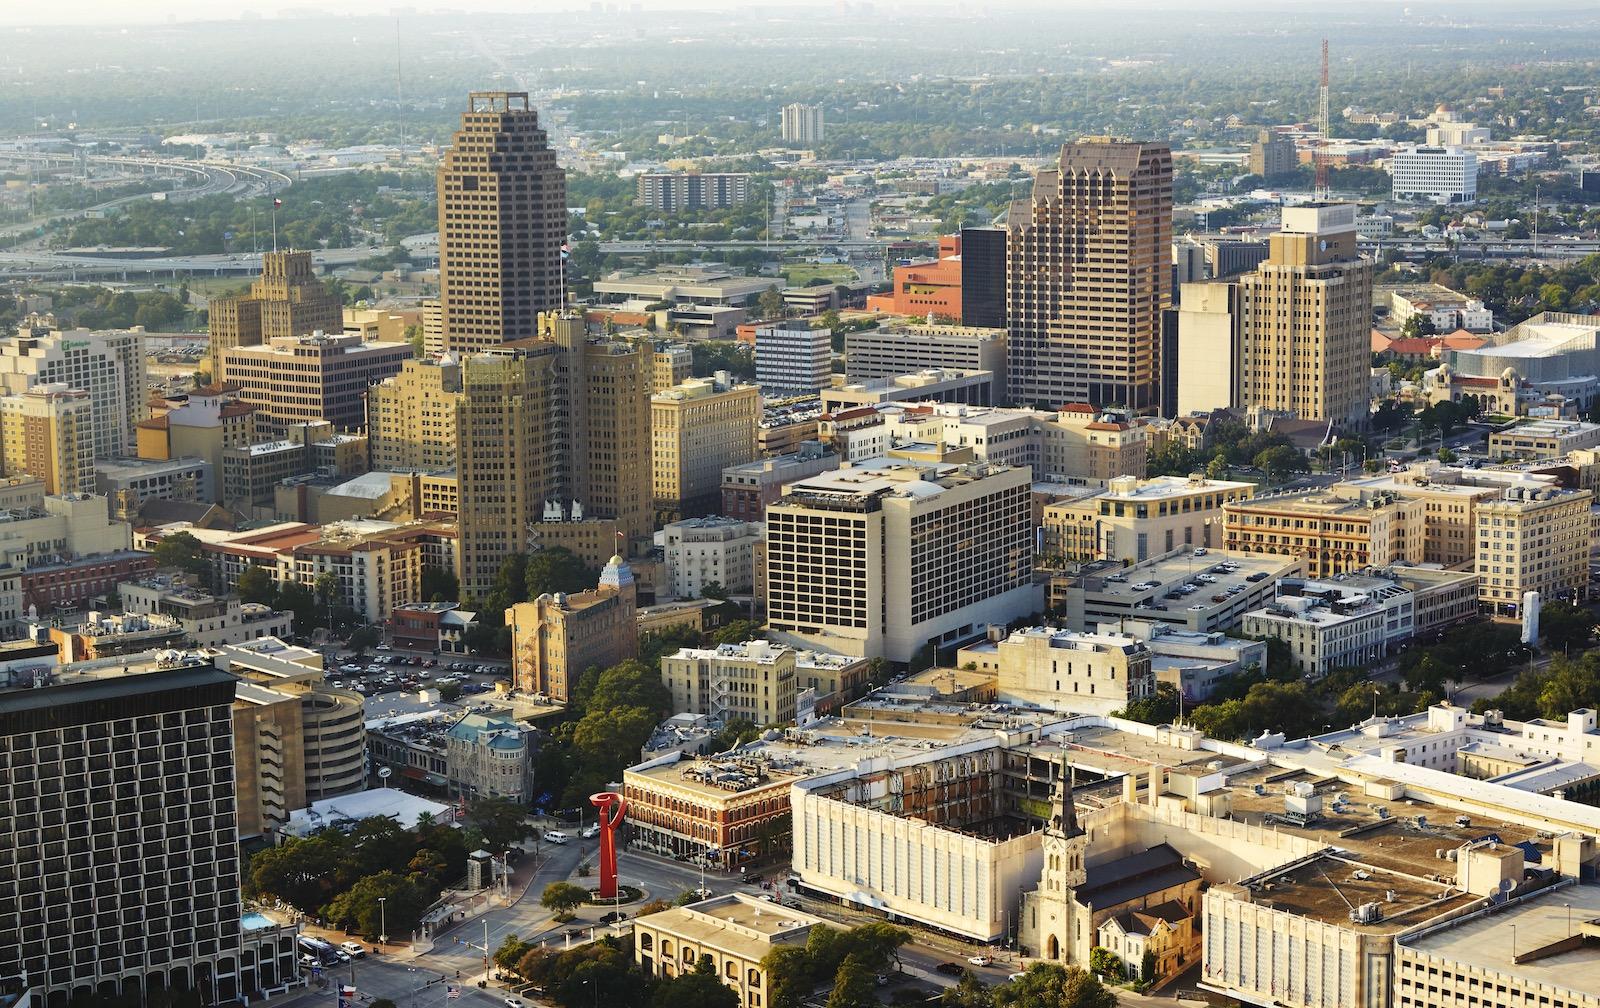 City skyline of San Antonio.